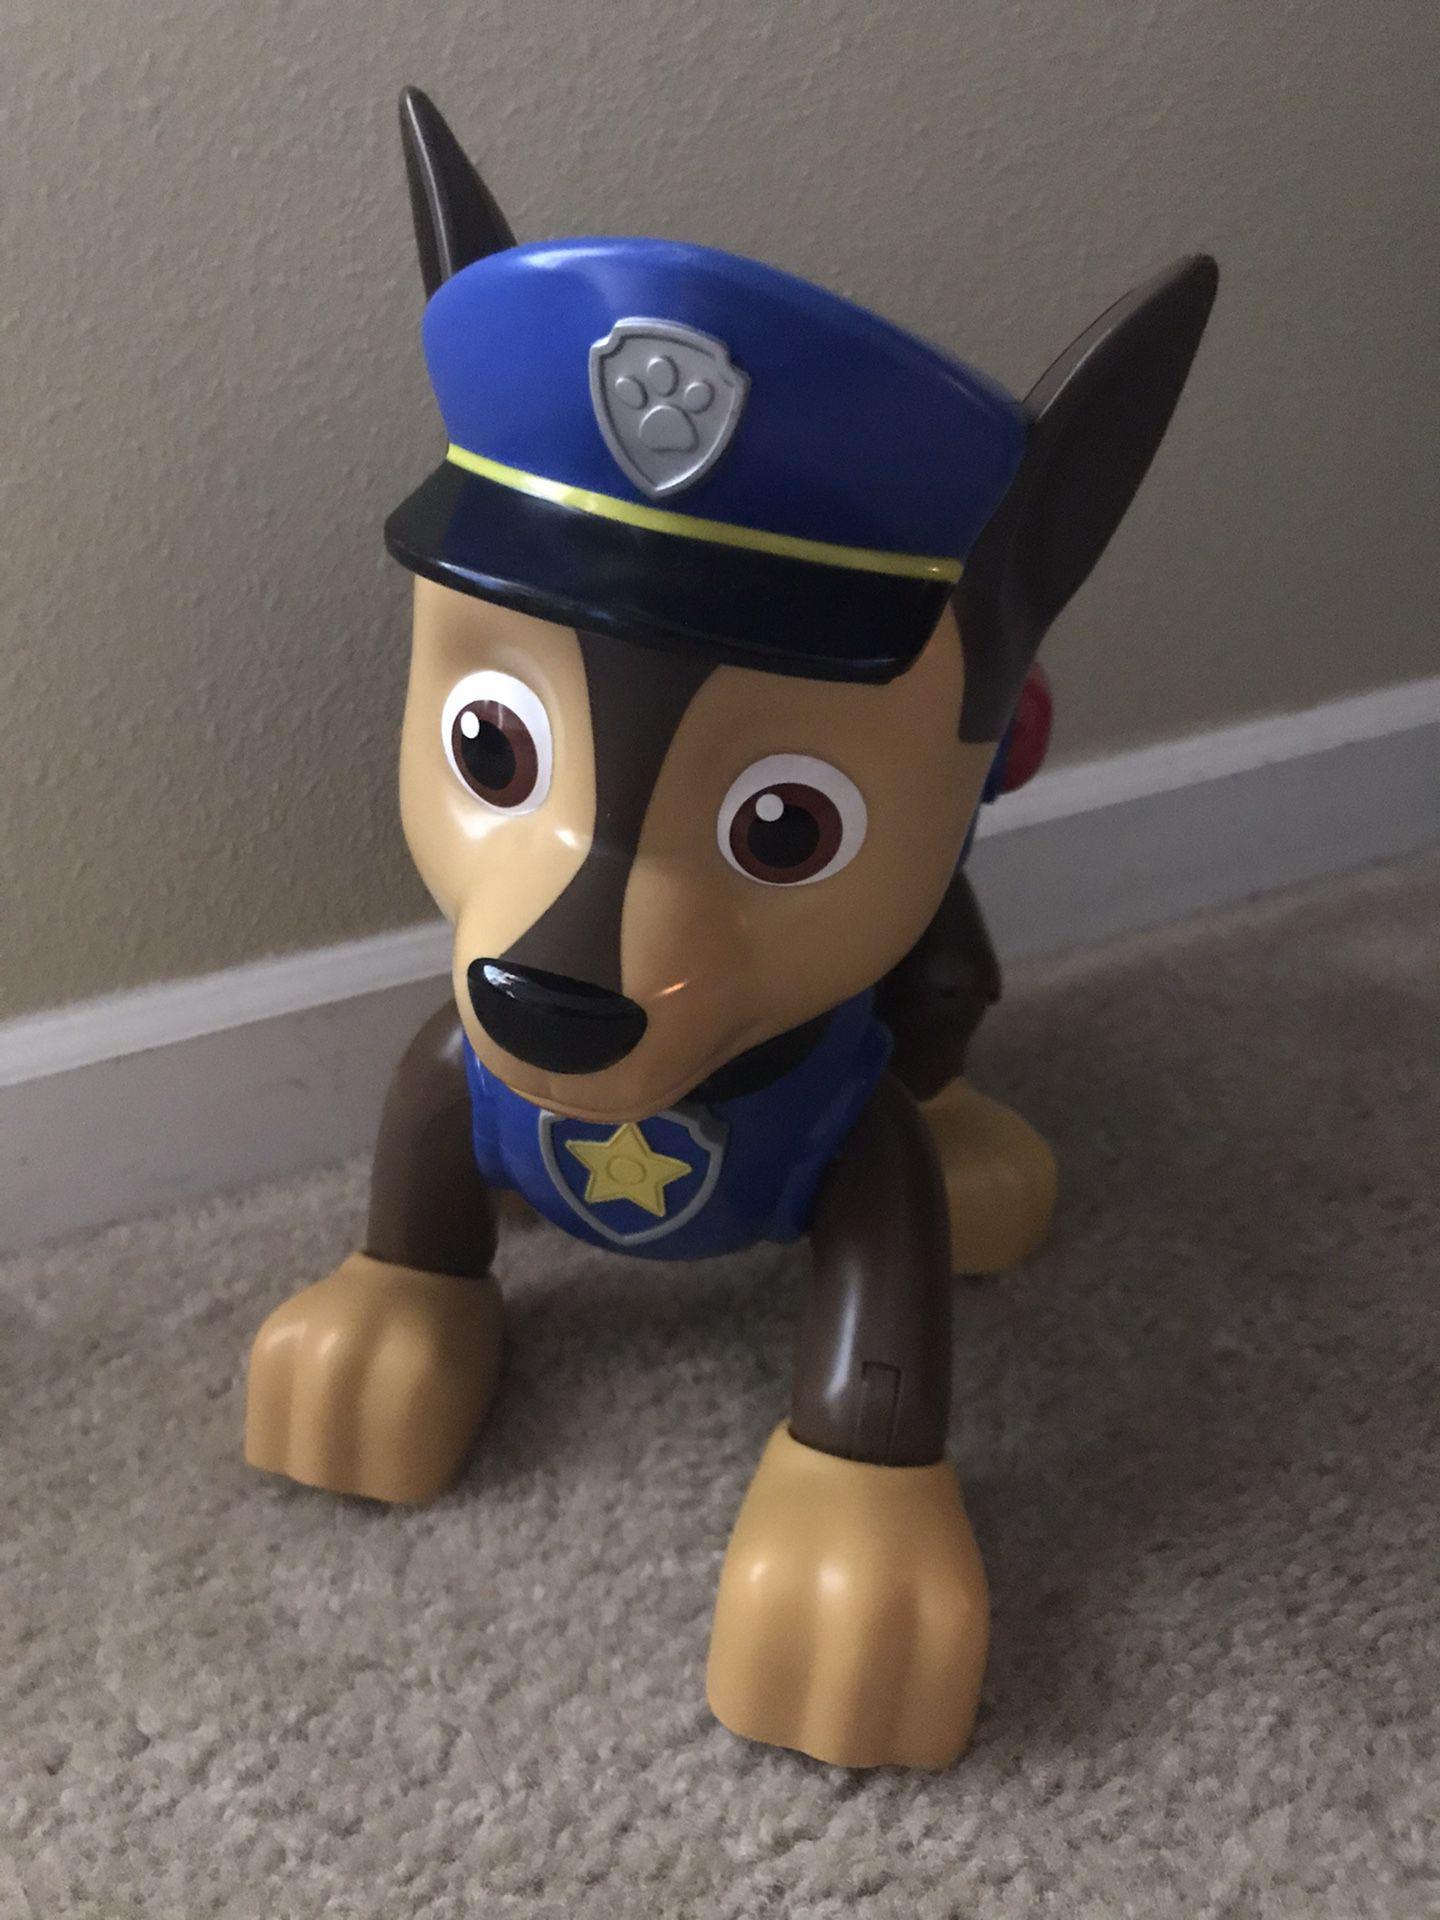 Paw patrol set